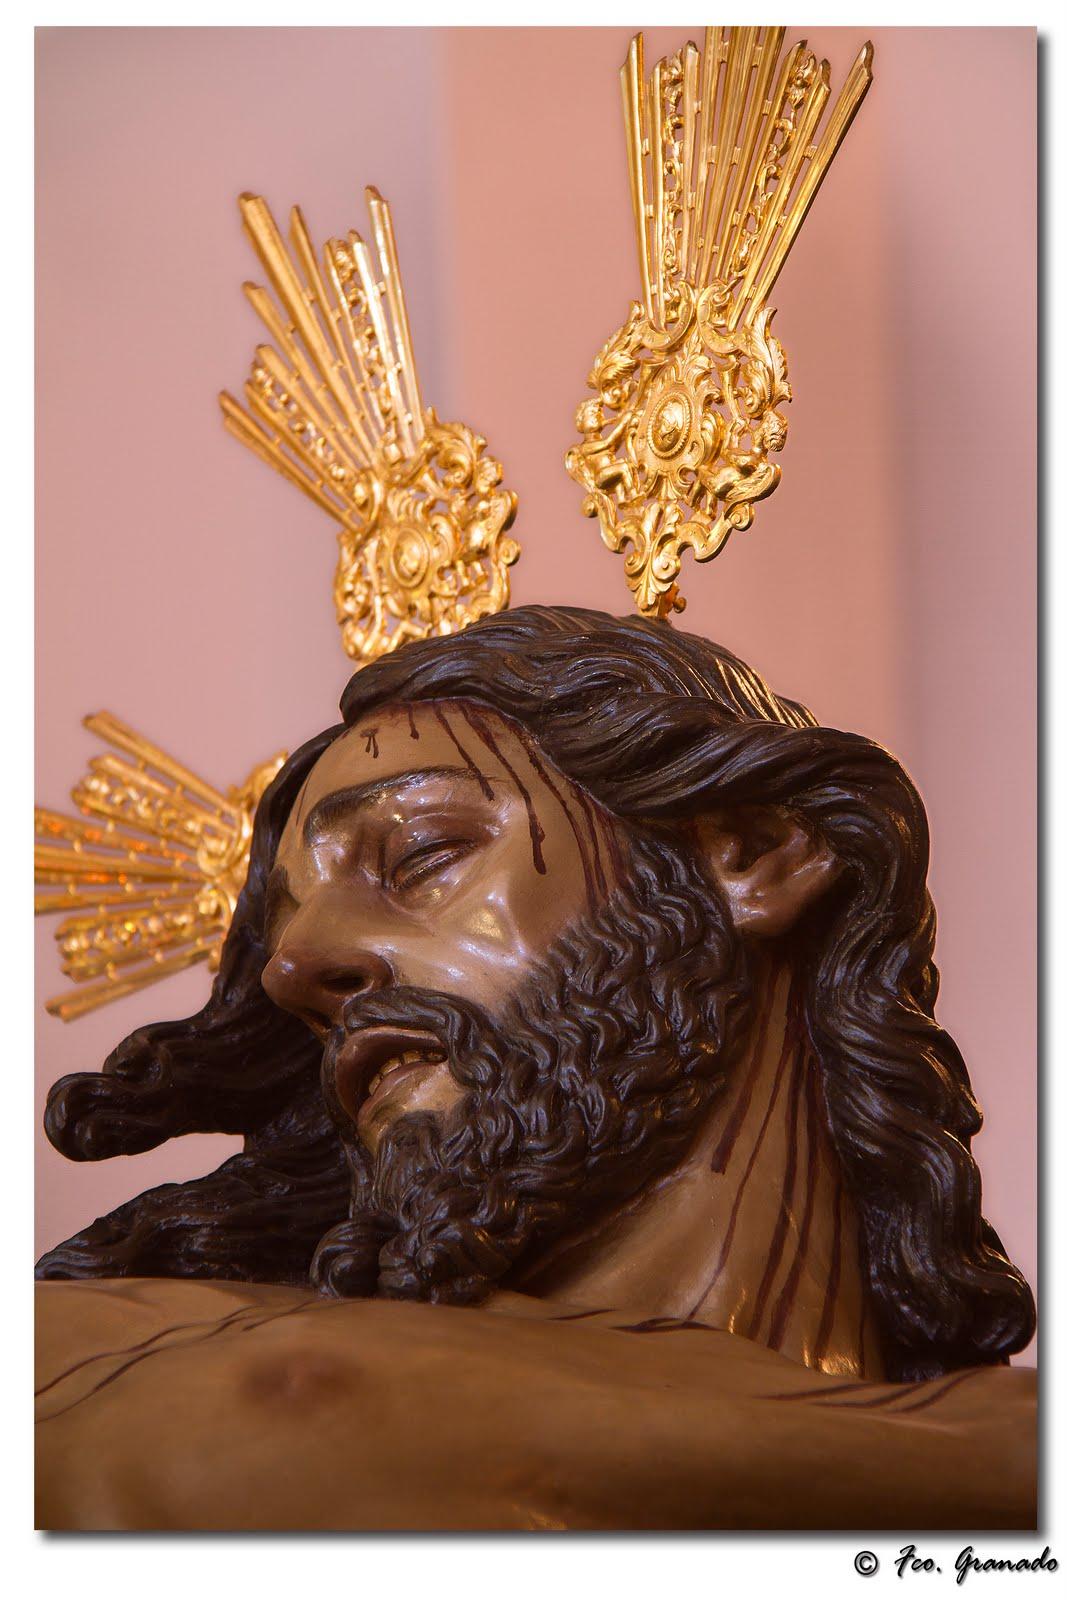 http://franciscogranadopatero35.blogspot.com.es/2011/04/besapies-del-santisimo-cristo-de-la.html